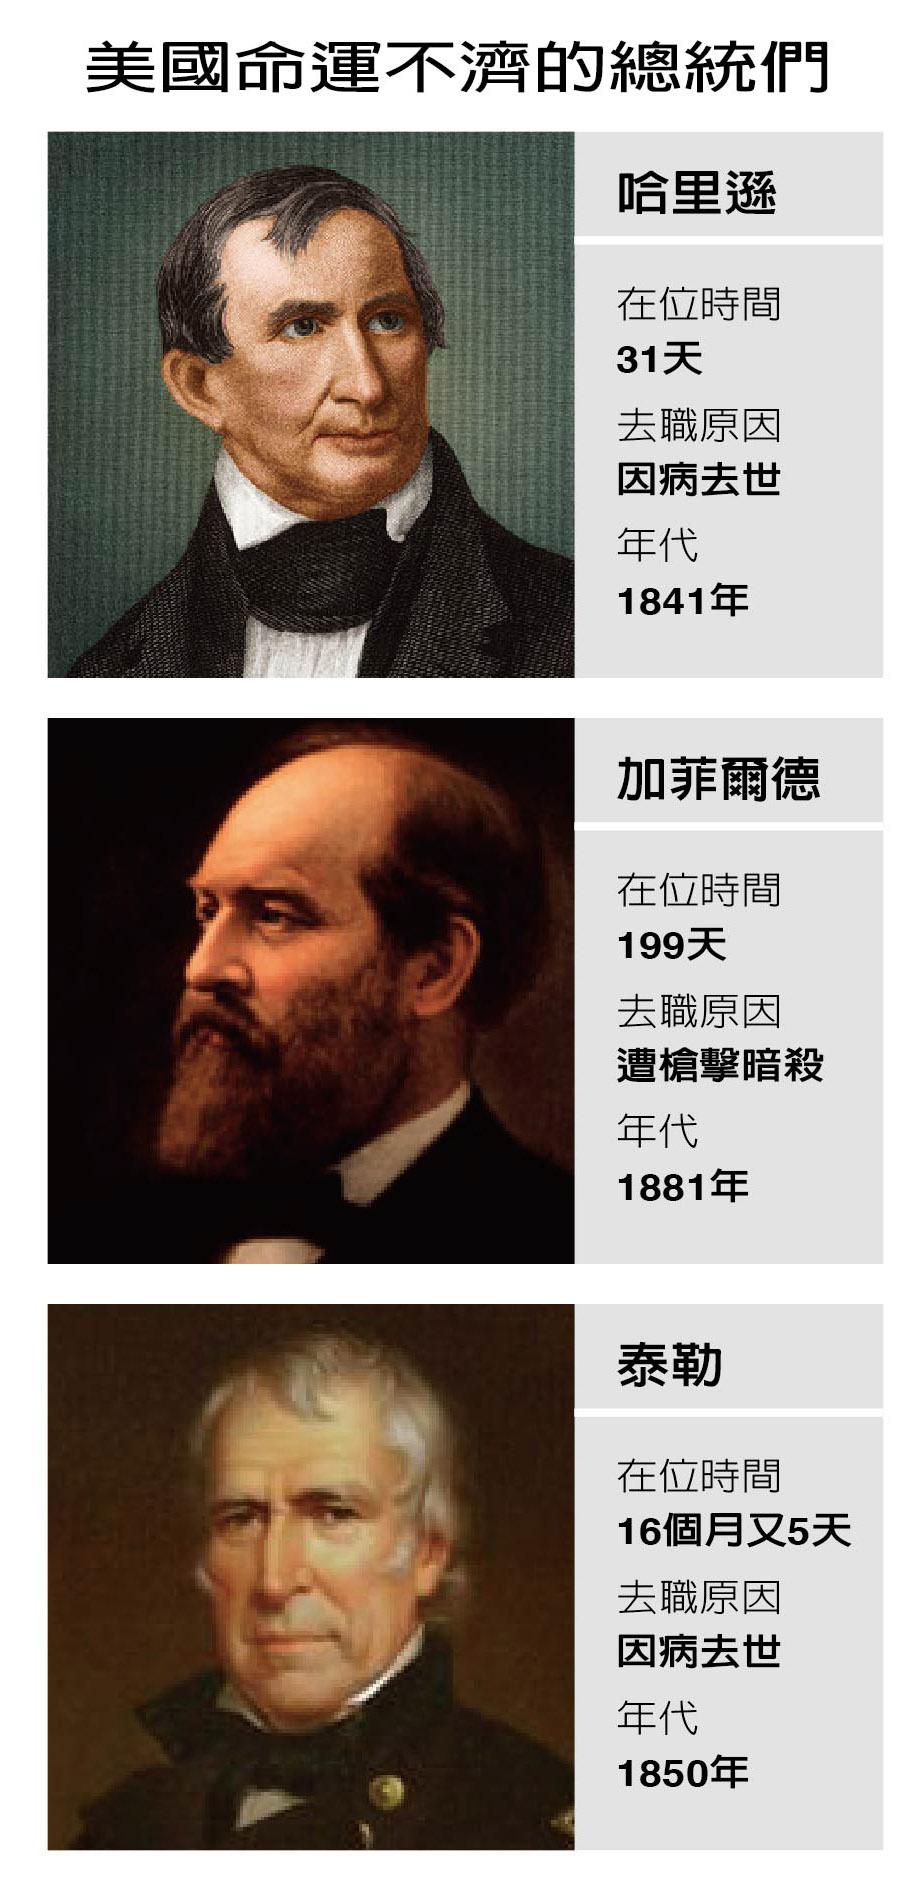 美國命運不濟的總統們。(聯合報新媒體中心)